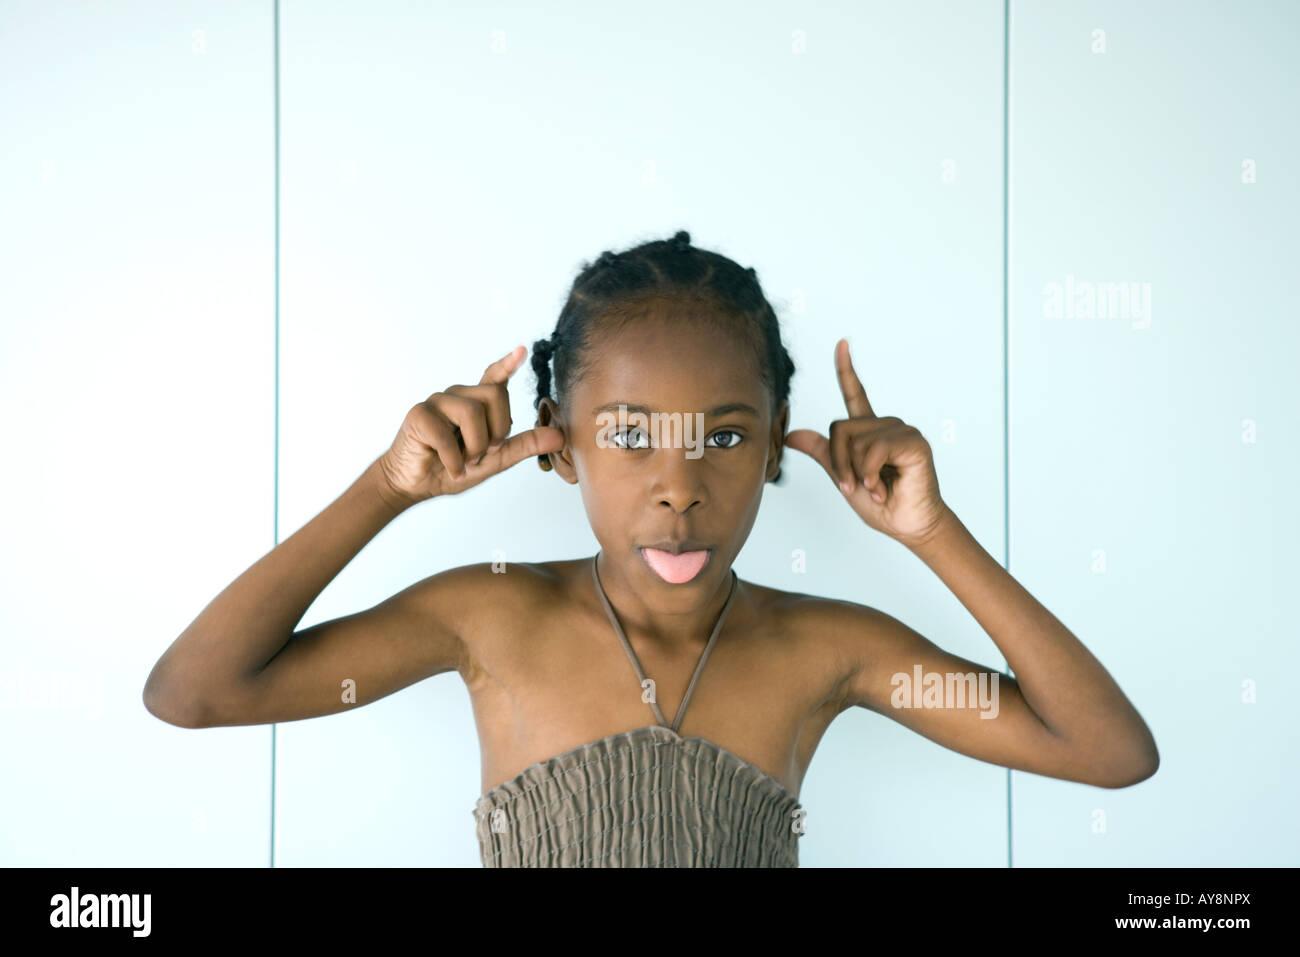 Kleines Mädchen Zunge heraus in die Kamera, erhobenen Armen, Porträt Stockbild